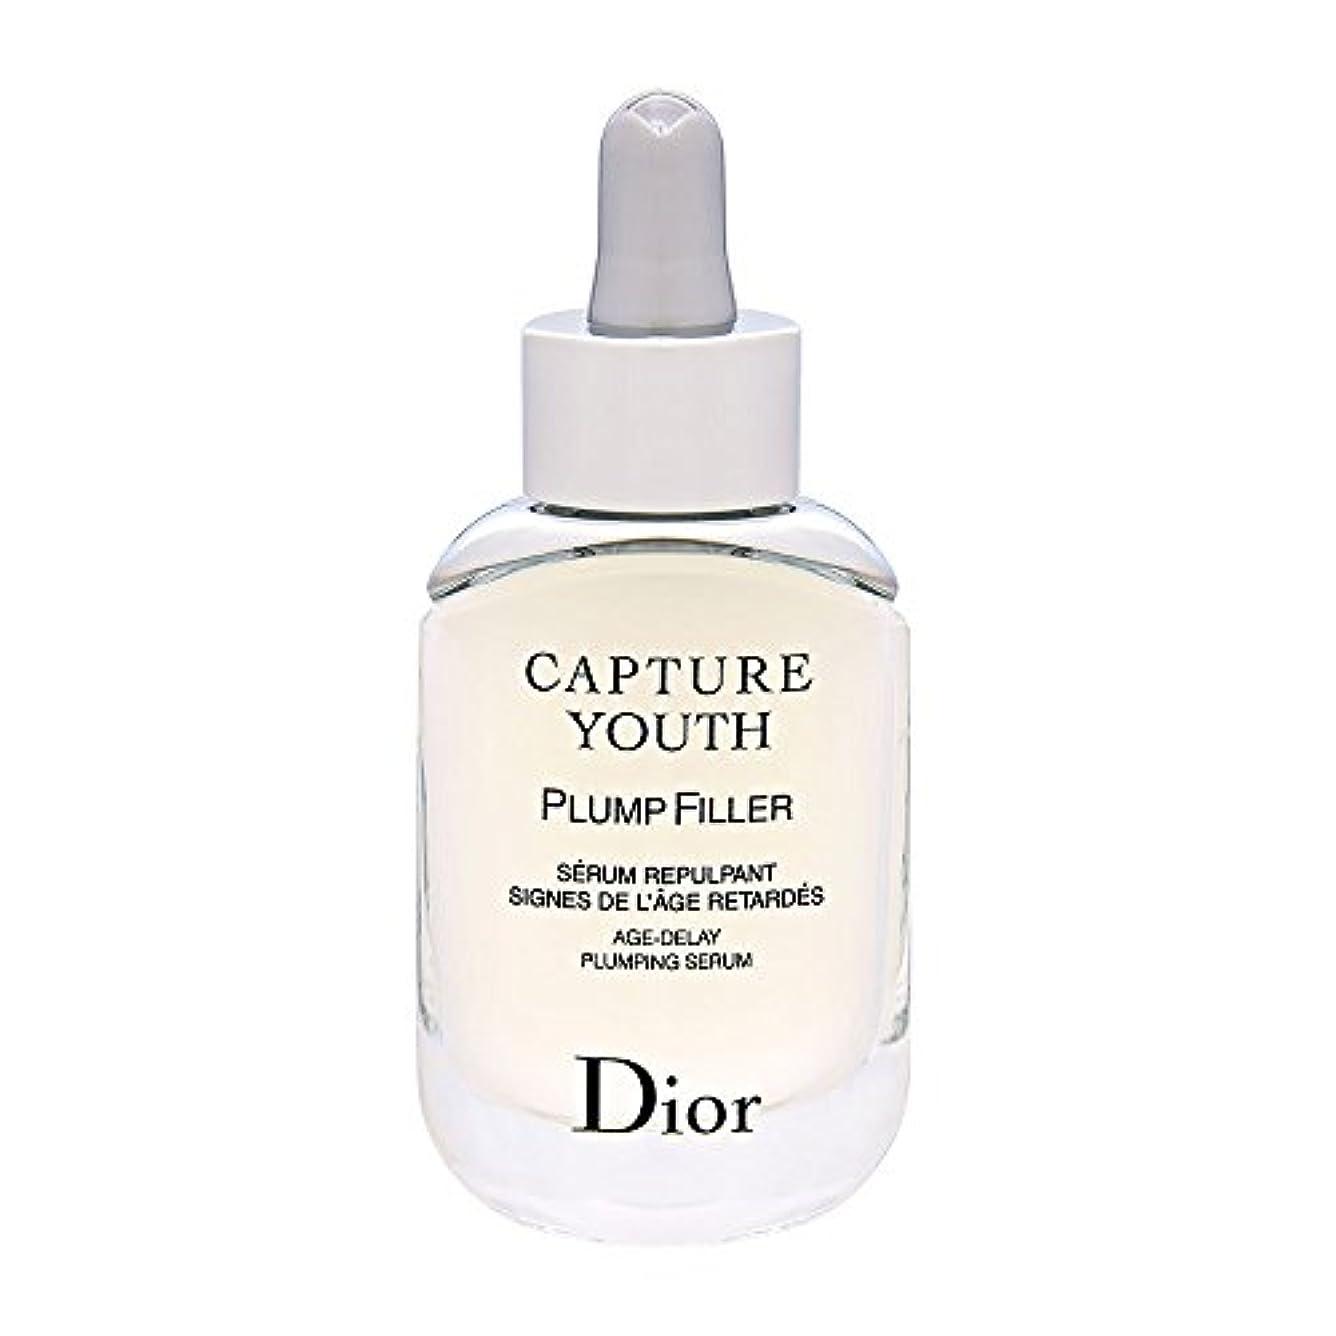 いじめっ子程度支援クリスチャンディオール Christian Dior カプチュール ユース プランプフィラー 30mL [並行輸入品]